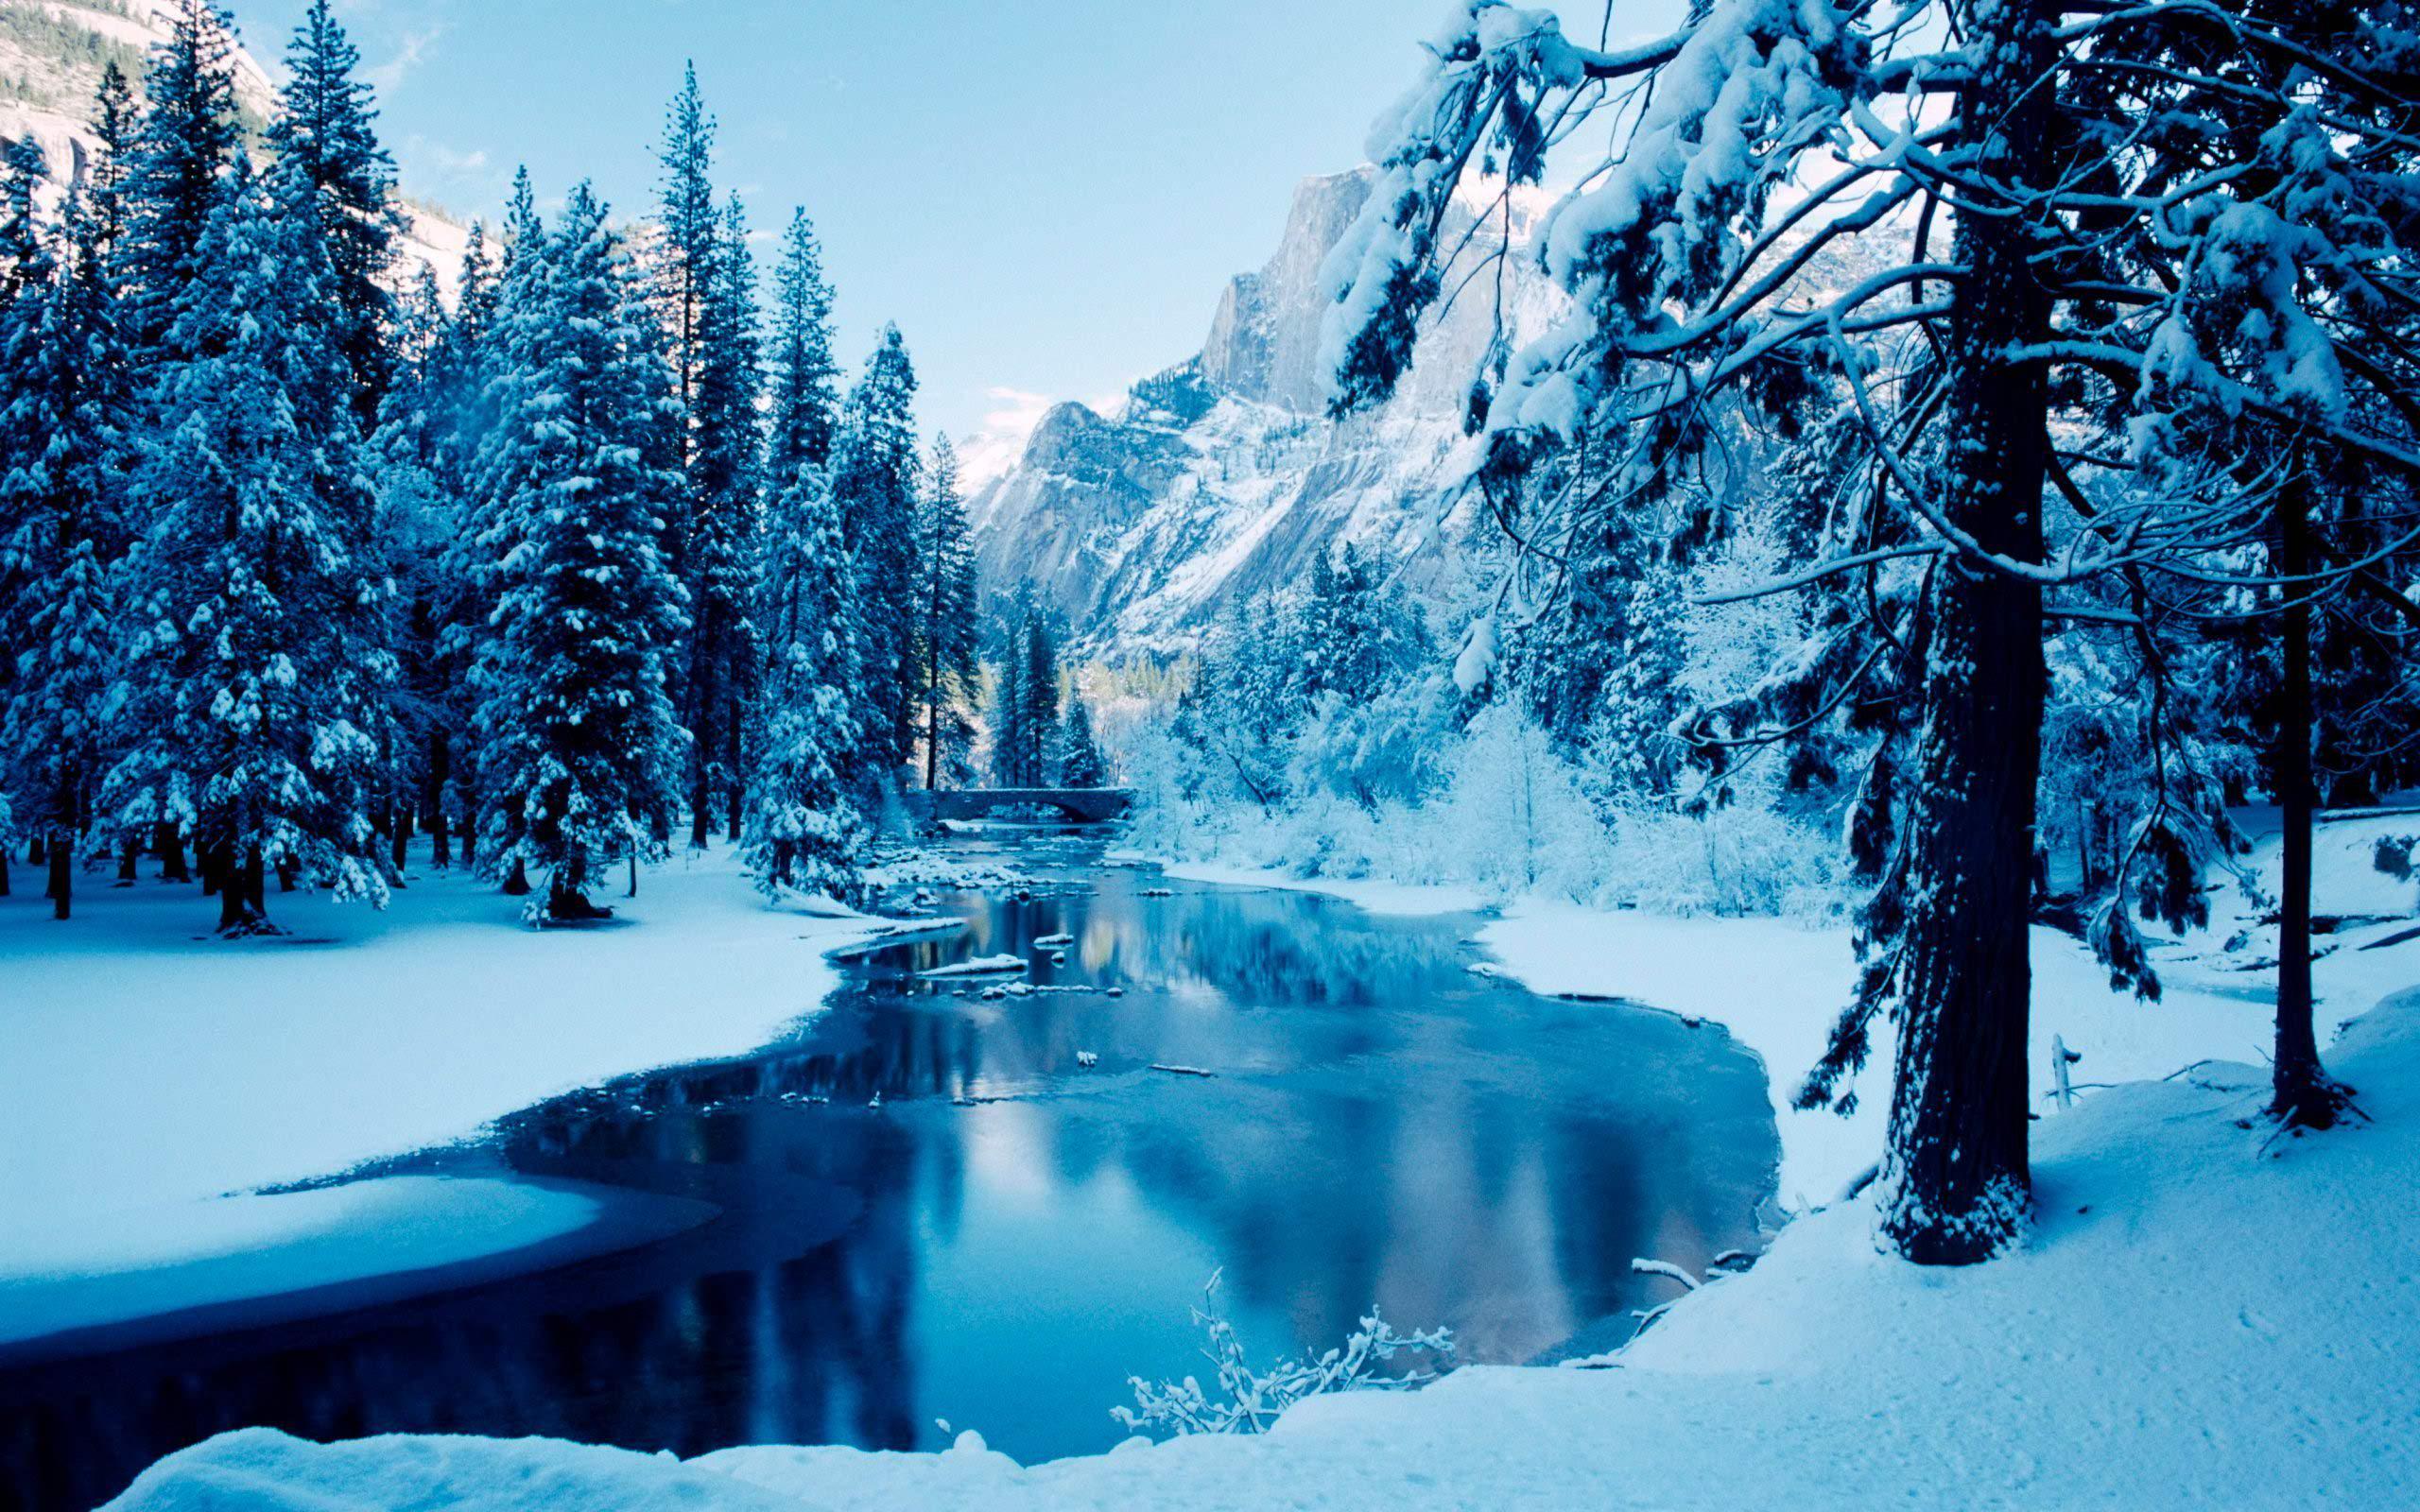 Winter Scenes Desktop Wallpapers Toptenpackcom 2560x1600